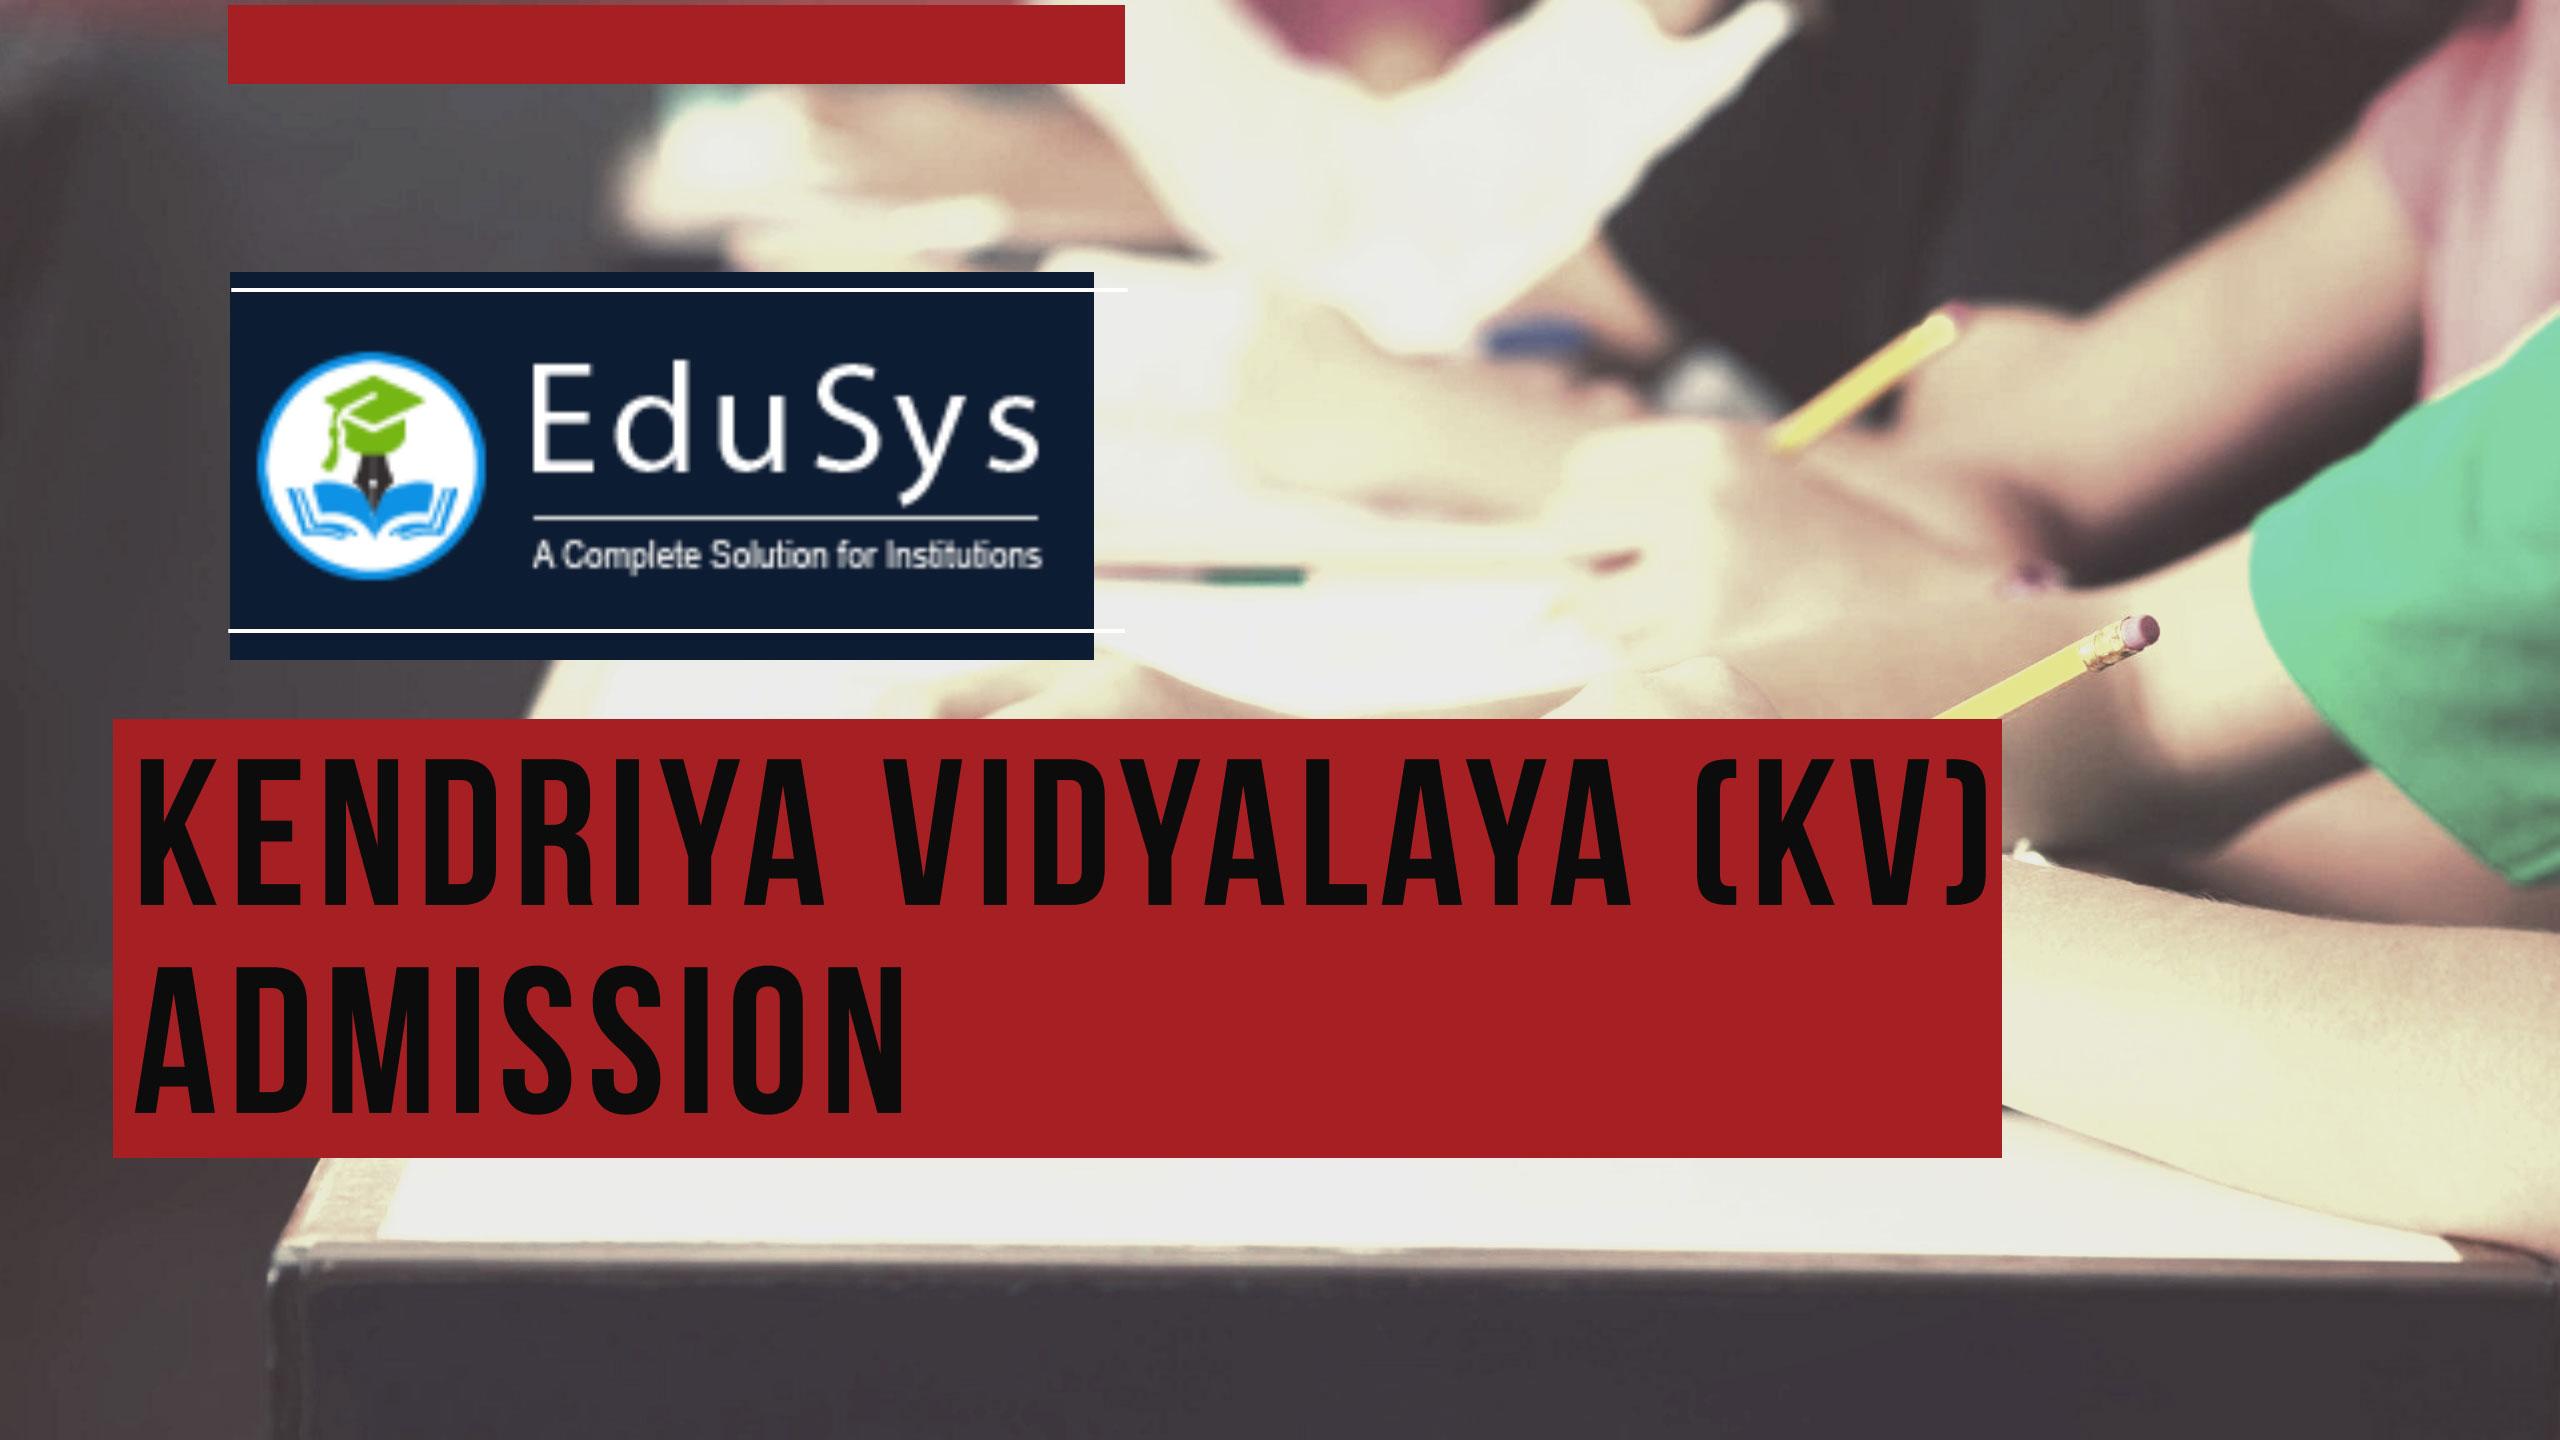 Kendriya Vidyalaya KV Admission 2020-21, Apply Online| Application Form